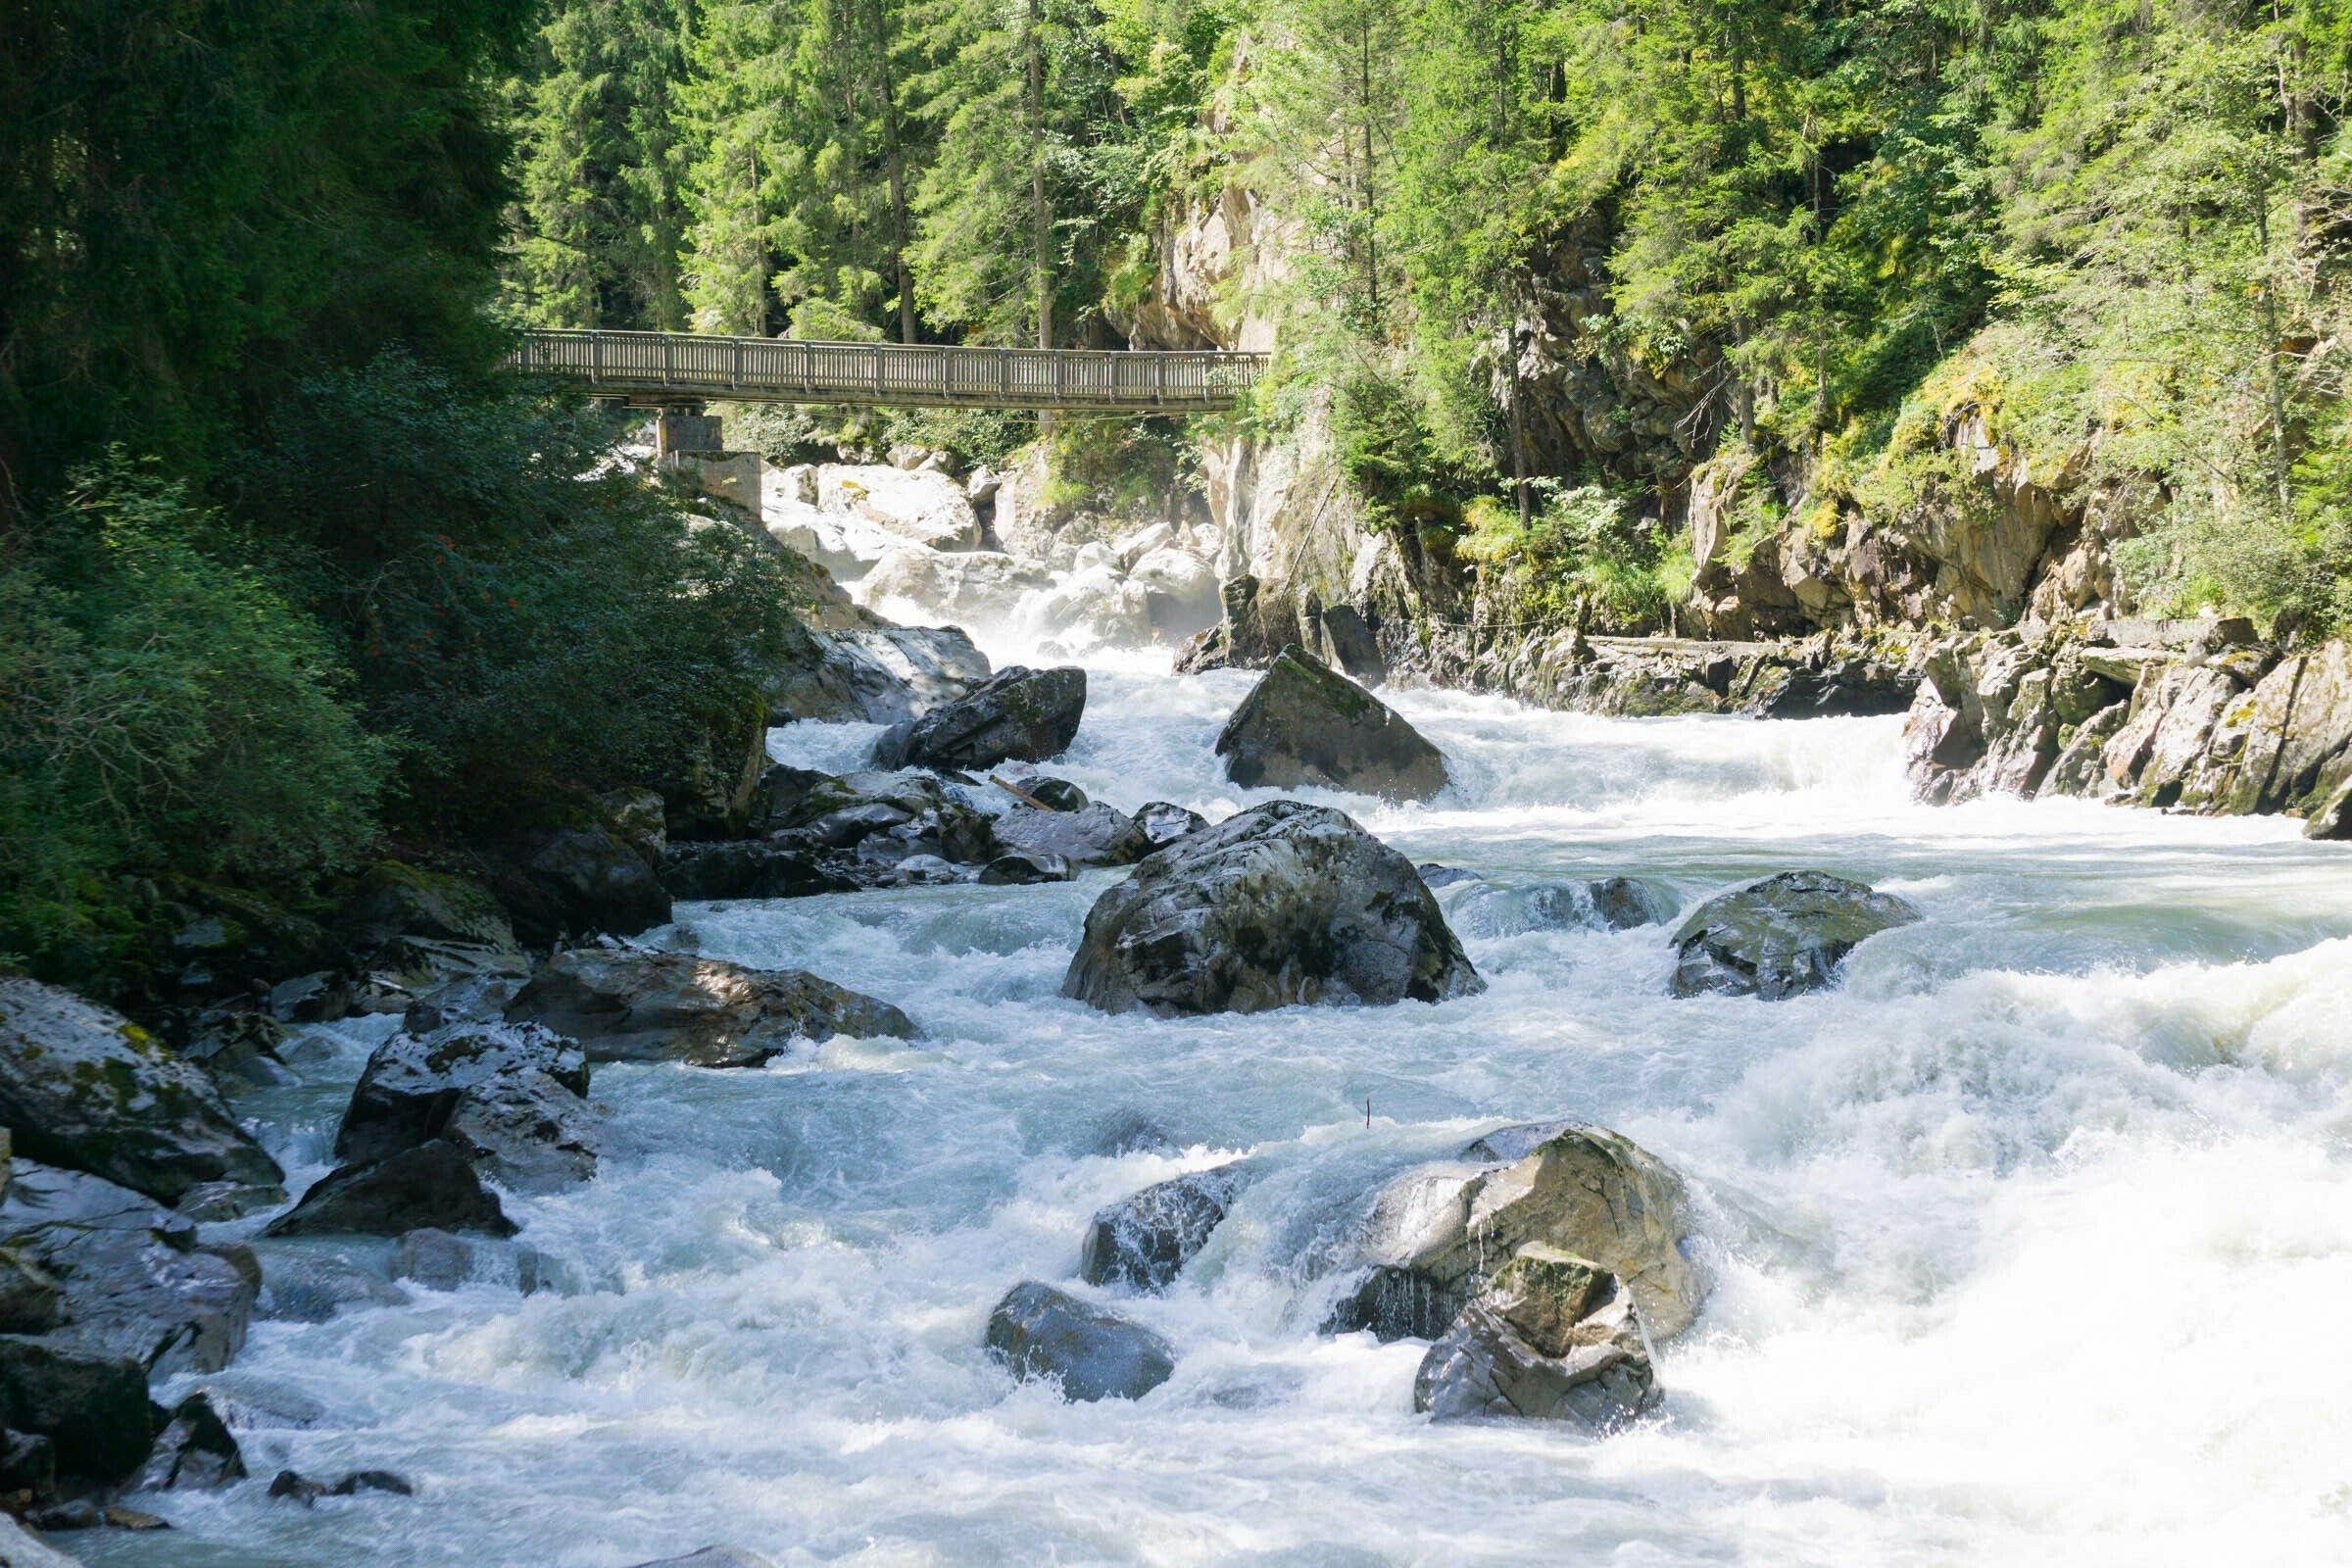 Gletscherbach im Wald mit Felsen und weiß schäumendem Wasser, im Hintergrund eine schmale Holzbrücke.